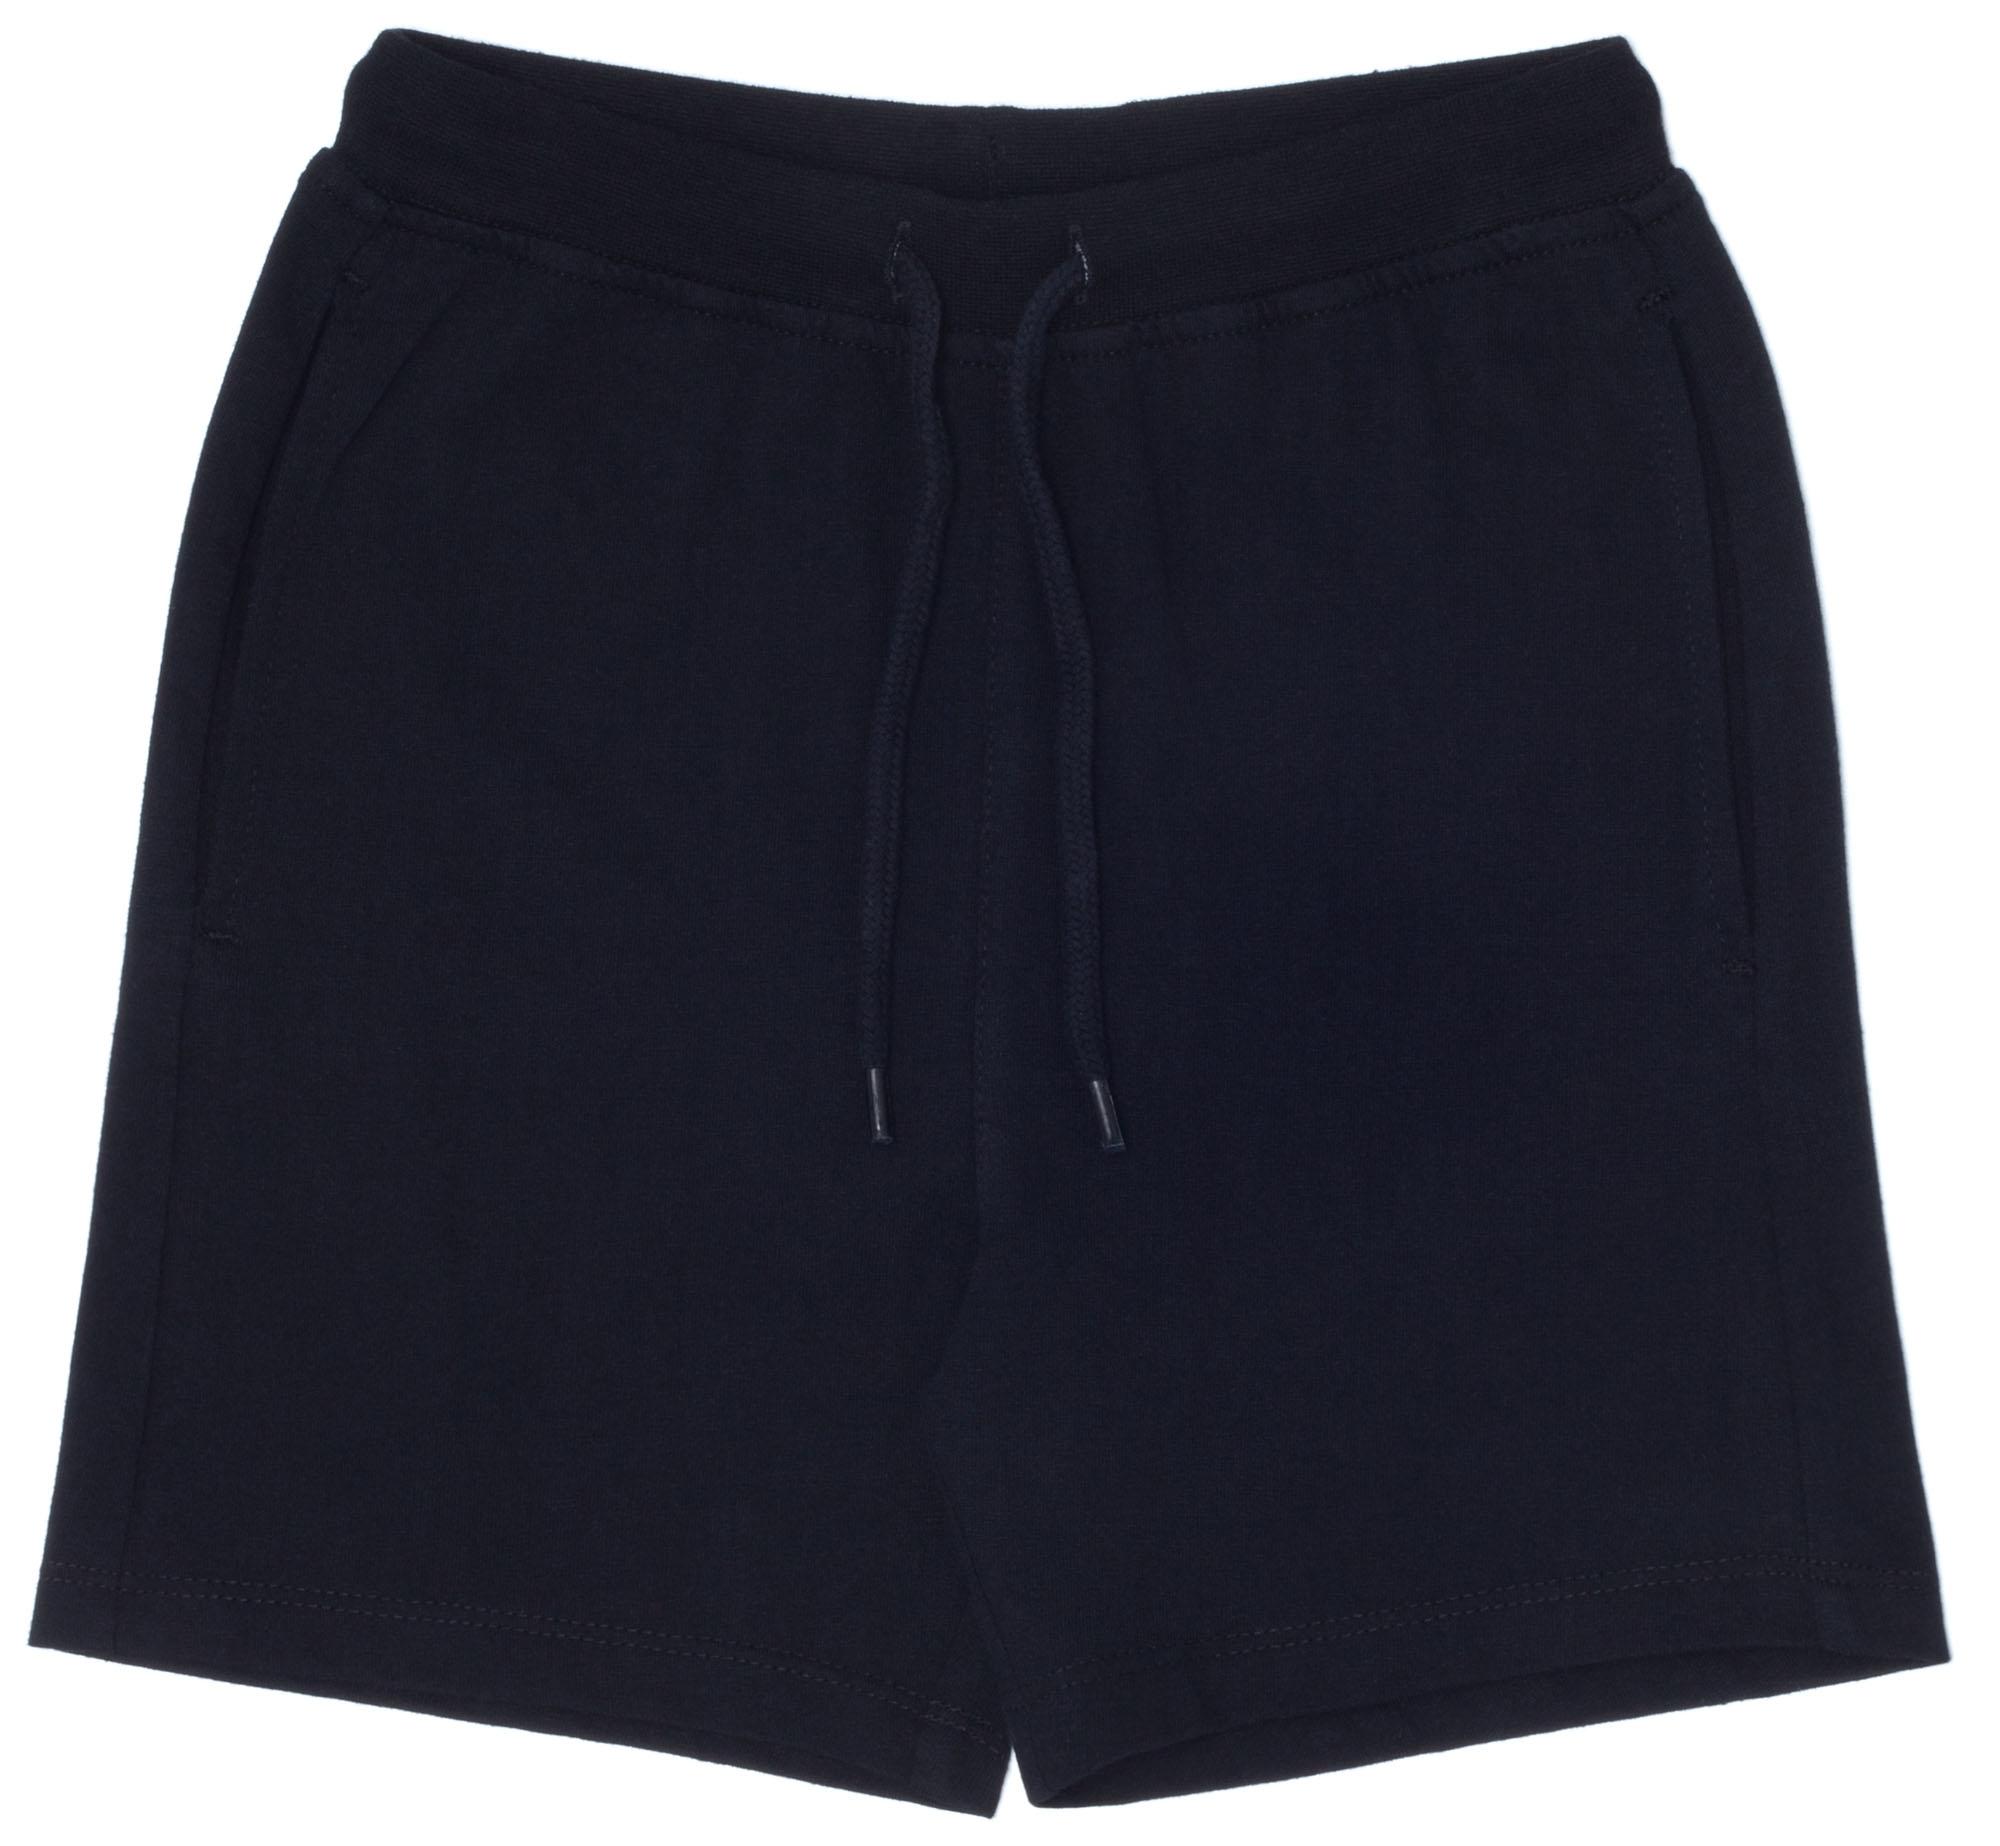 Шорты Barkito Шорты для мальчика Спорт Barkito трикотажные черный шорты barkito шорты джинсовые для мальчика barkito супергерой голубые